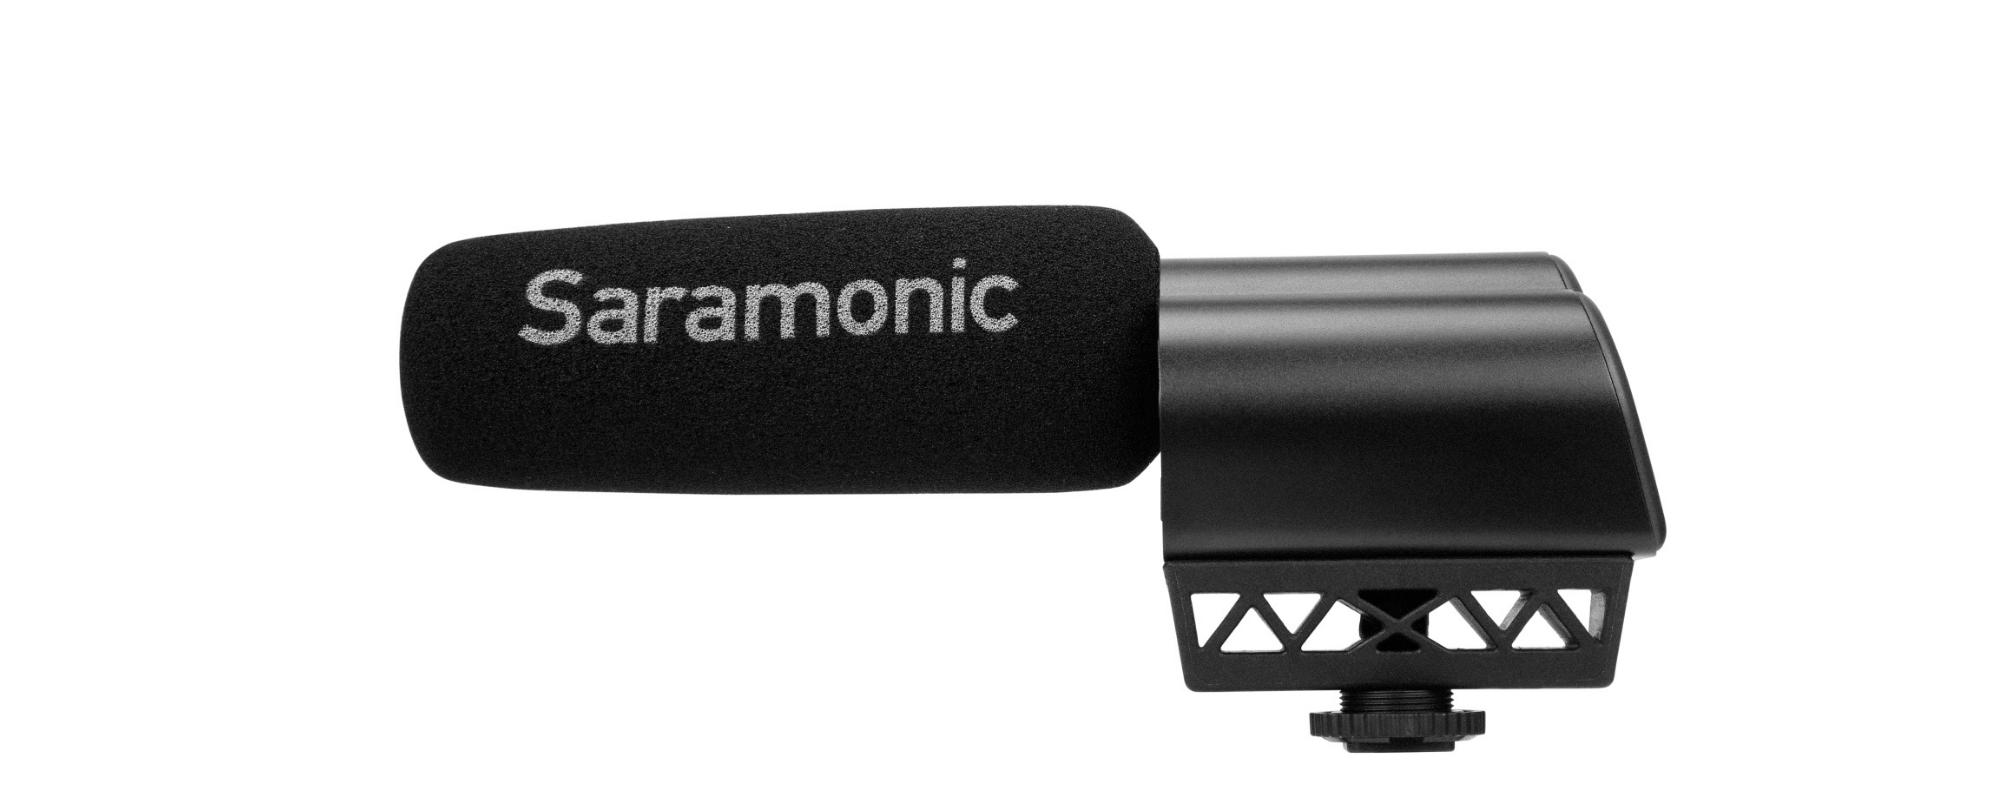 Mikrofon pojemnościowy Saramonic SR-MV7000 ze złączem USB/XLR